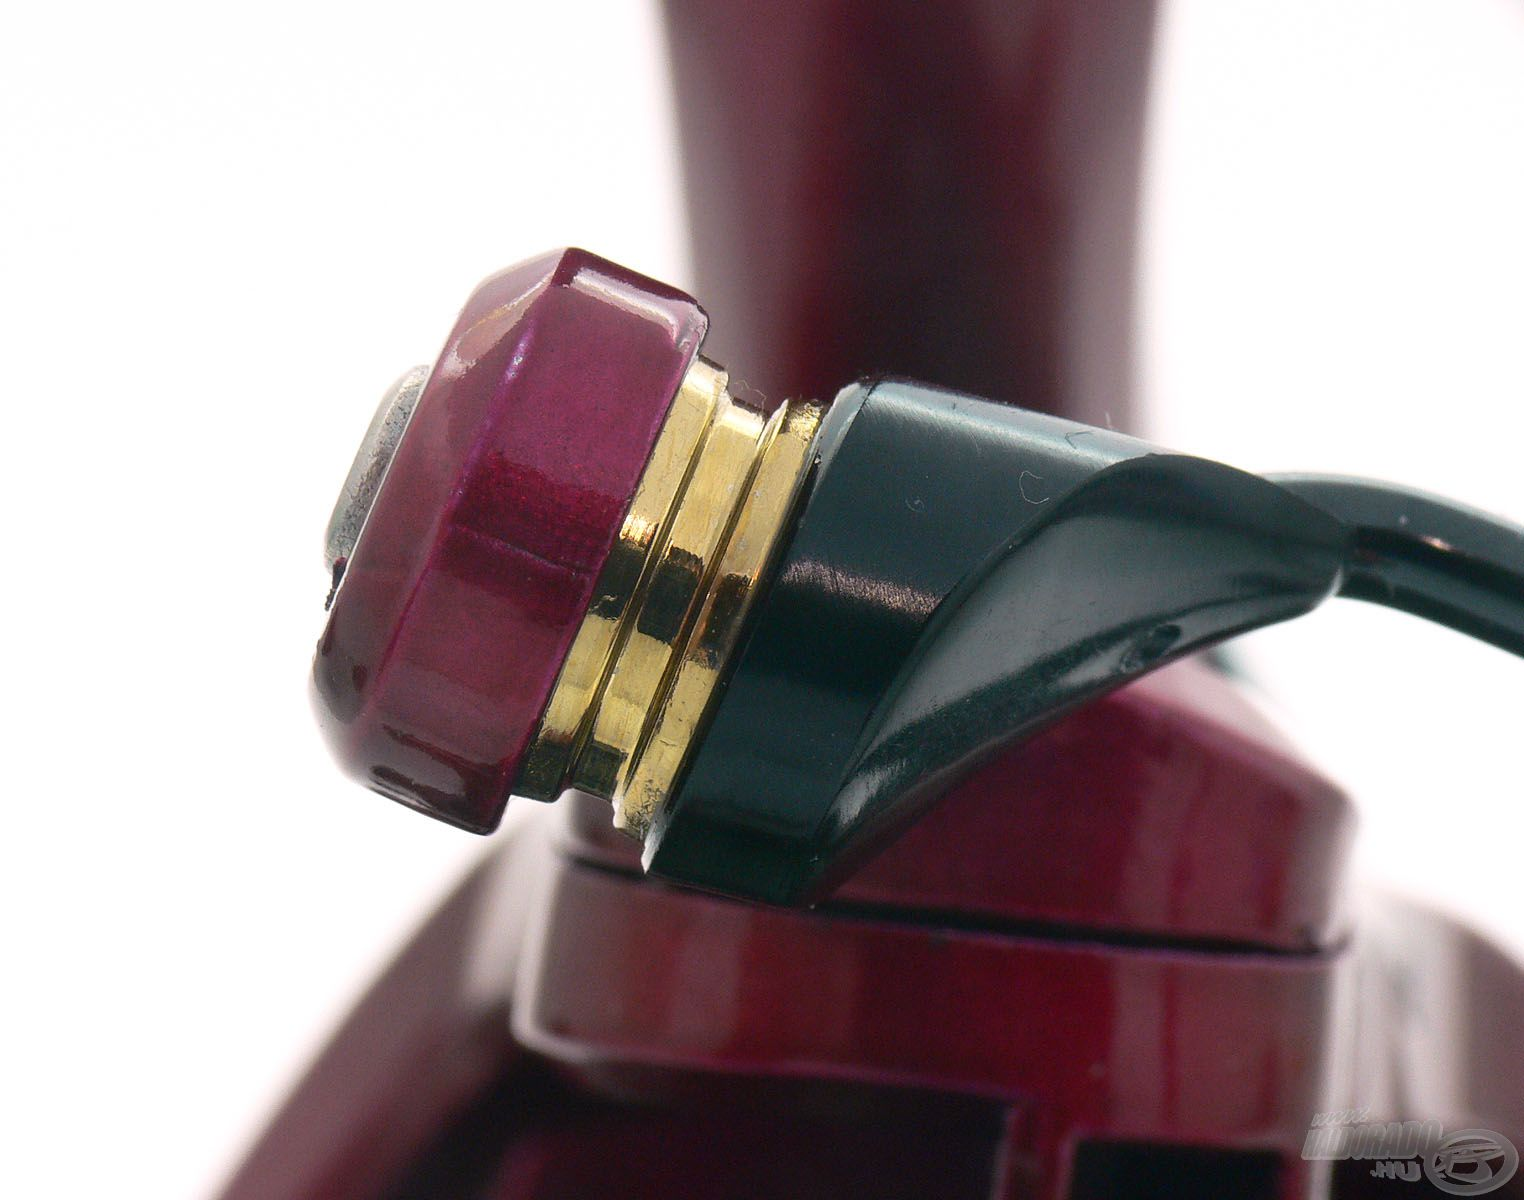 A csapágyazott zsinórvezető görgő egyedi, erősített kialakítása révén mindig a megfelelő helyre kényszeríti a zsinórt és a csavarodást is meggátolja